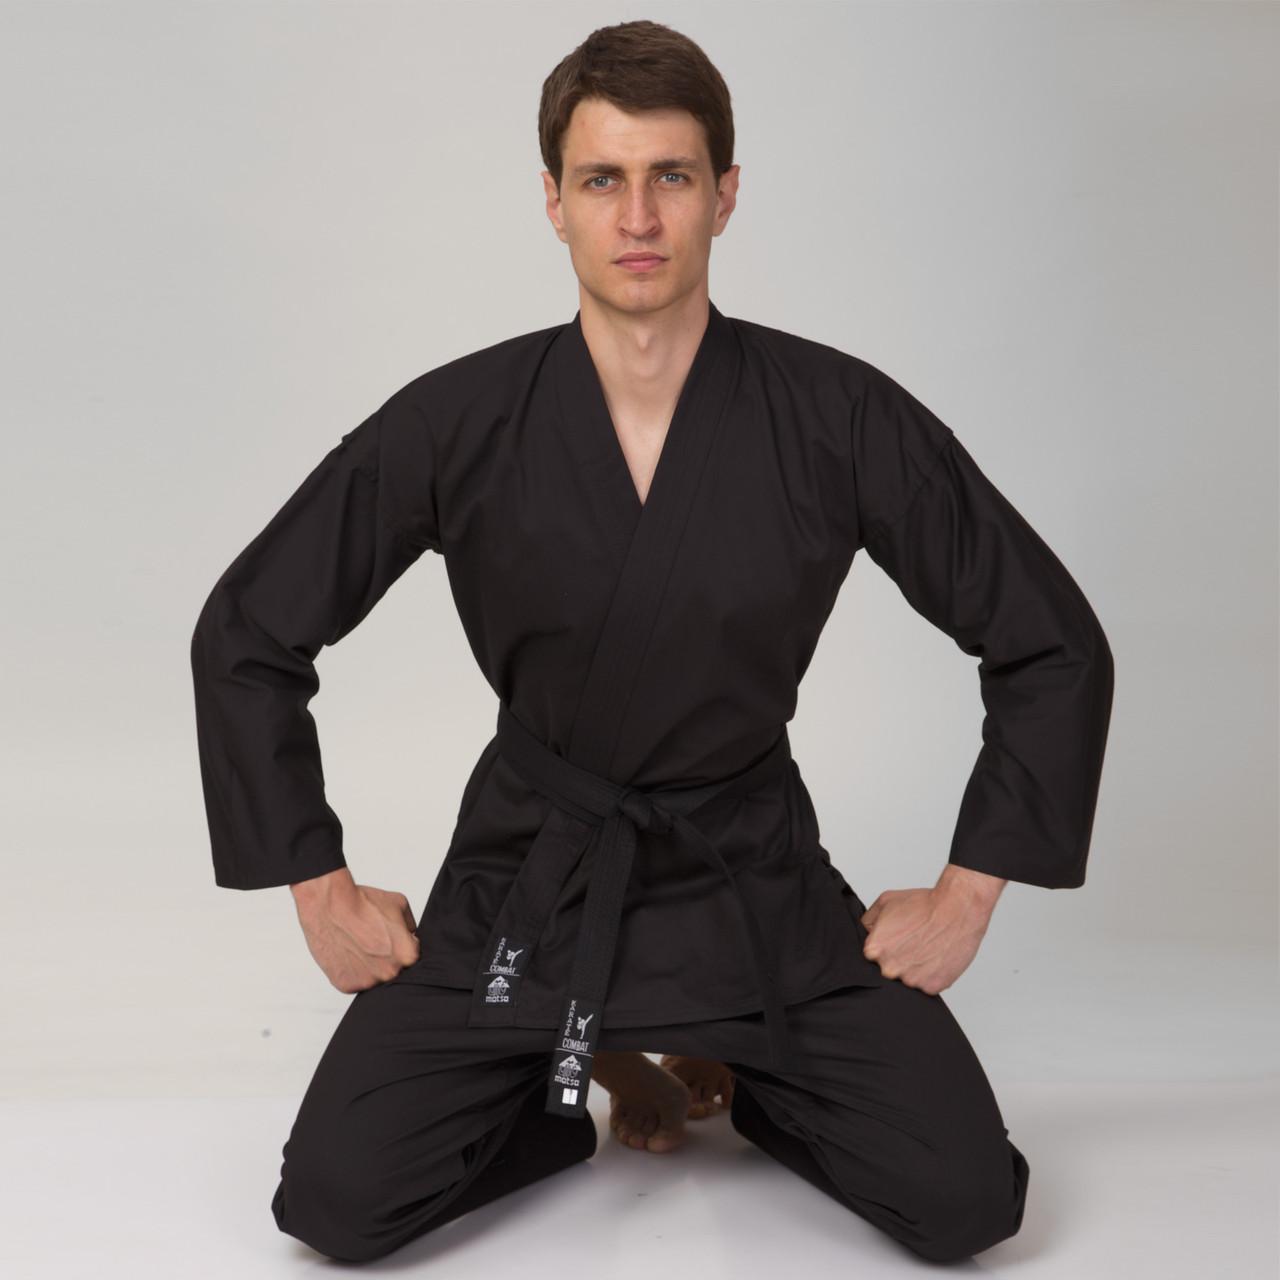 Кимоно для каратэ Matsa (хлопок-плотность 240г на м2, размер 0-7, рост-130-200см, черный) 0 (рост 130) PZ-MA-0017_1